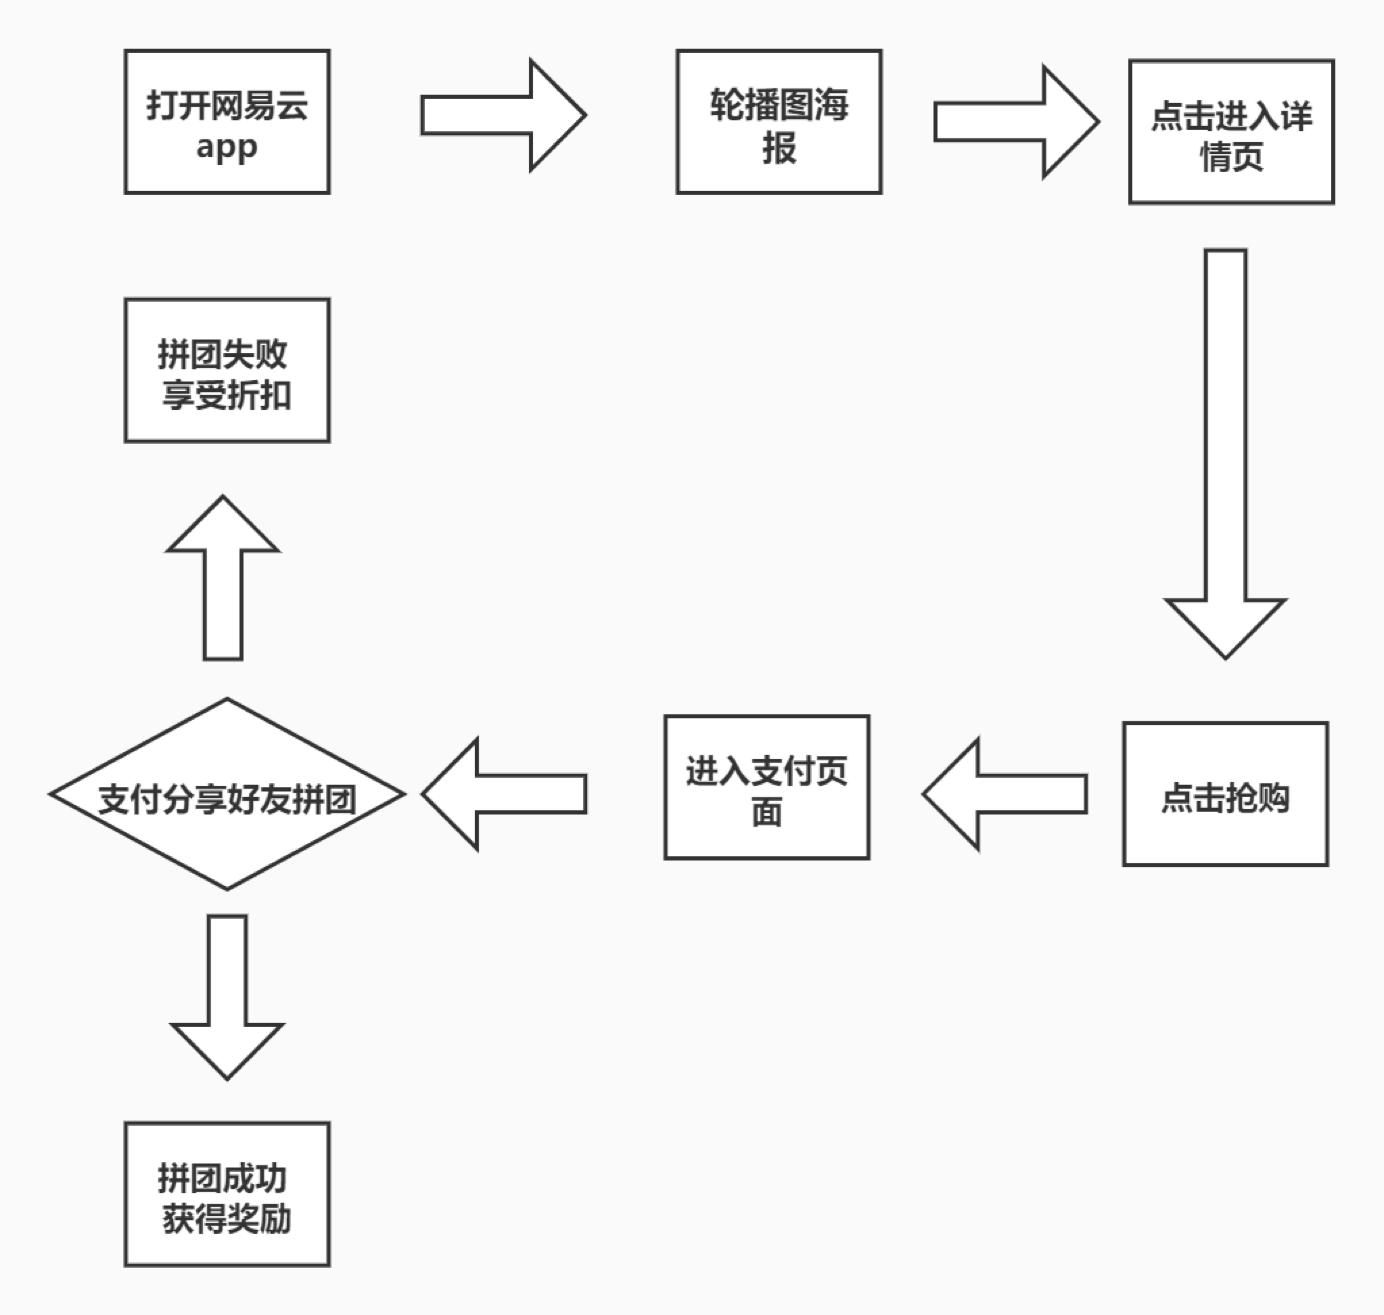 鸟哥笔记,课程活动,杭漂阿东,案例